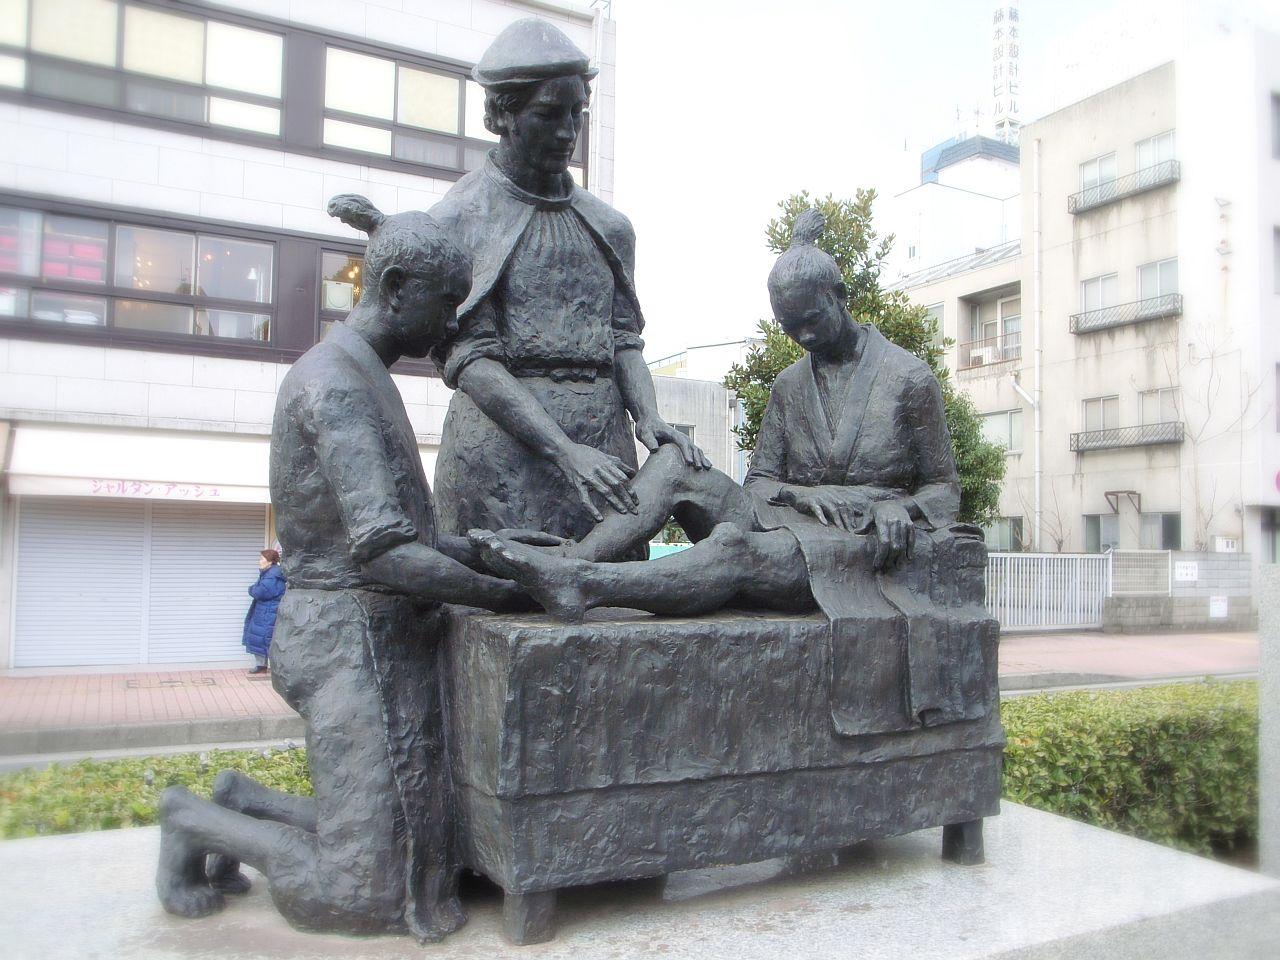 ルイス・デ・アルメイダ(中央)〔西洋医術発祥記念像(大分県大分市)撮影者:OitaKiseichu、Wikipediaより20210828ダウンロード)の画像。